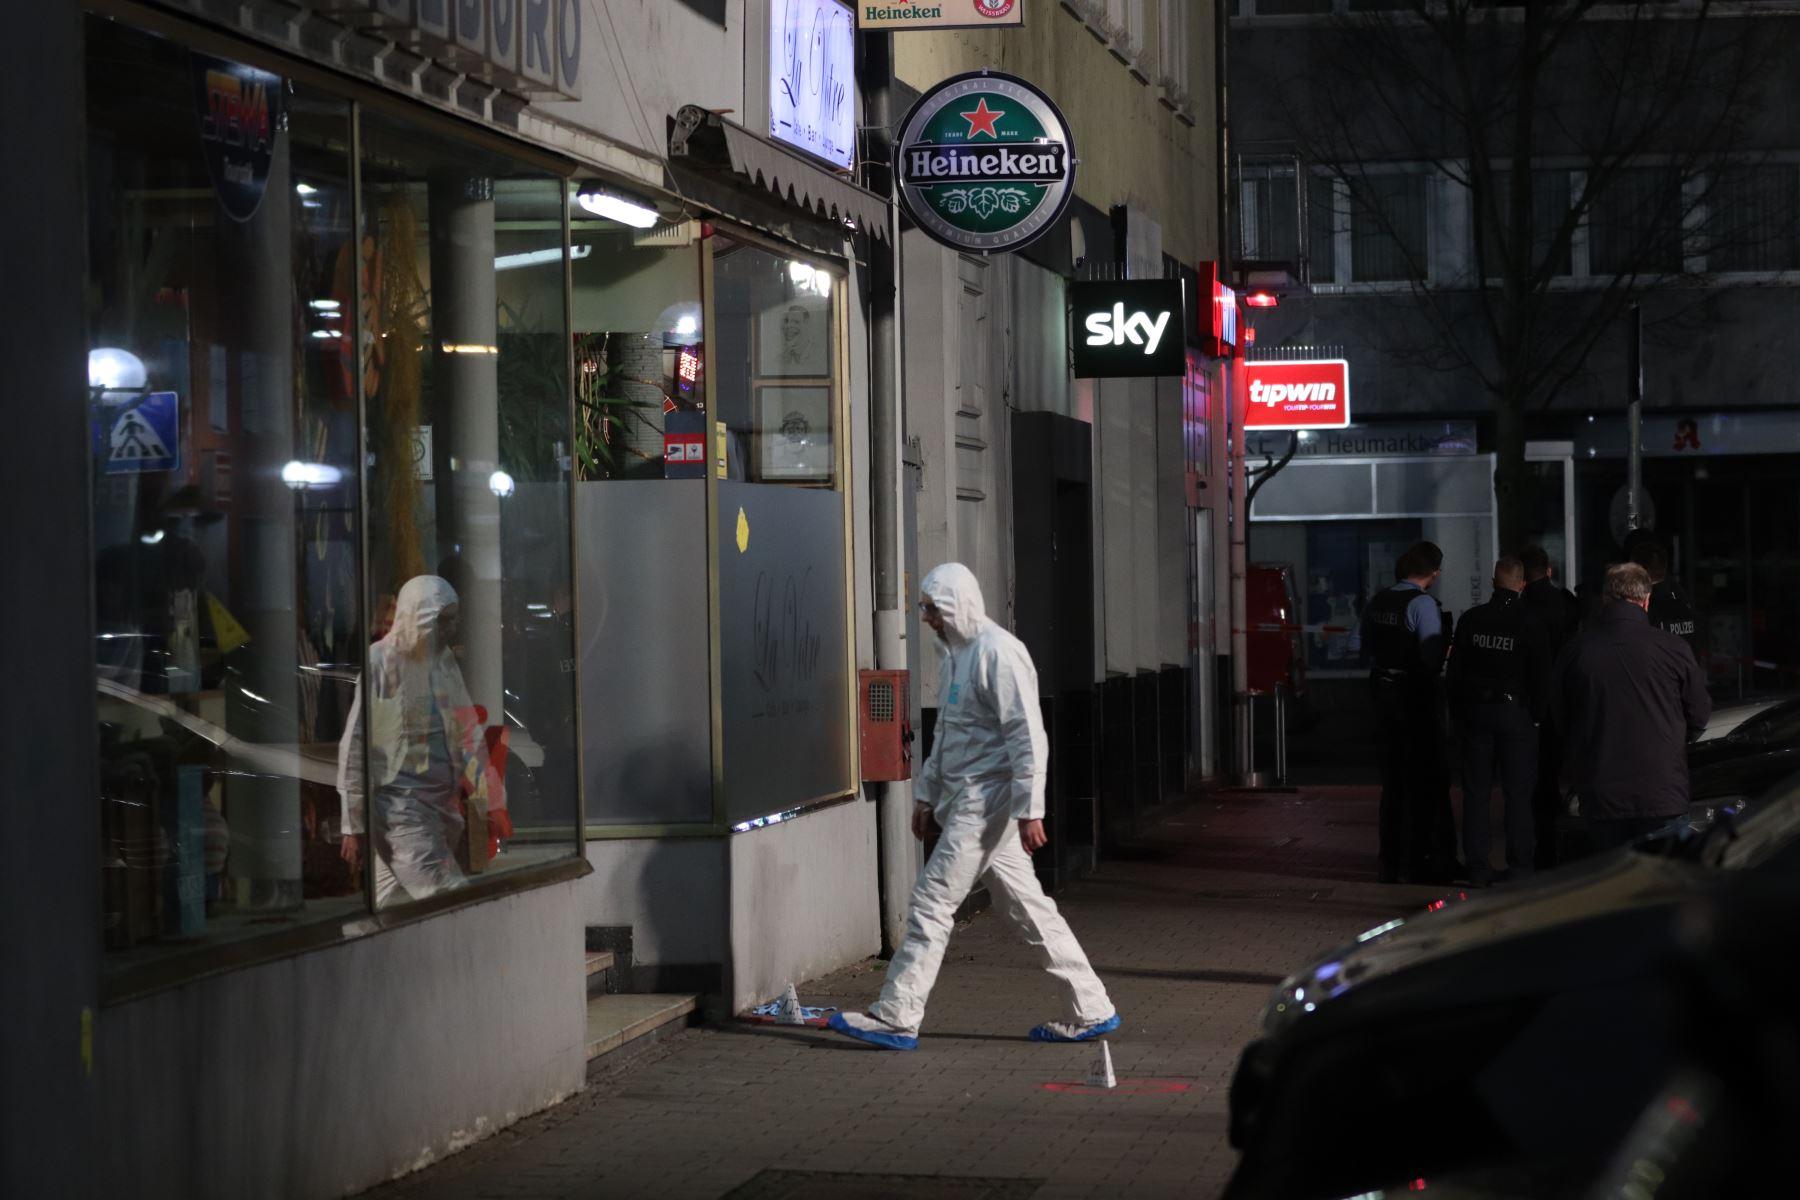 Al menos nueve personas murieron en dos tiroteos a bares de shisha en Hanau, a unos 20 kilómetros de Frankfurt. Foto: AFP